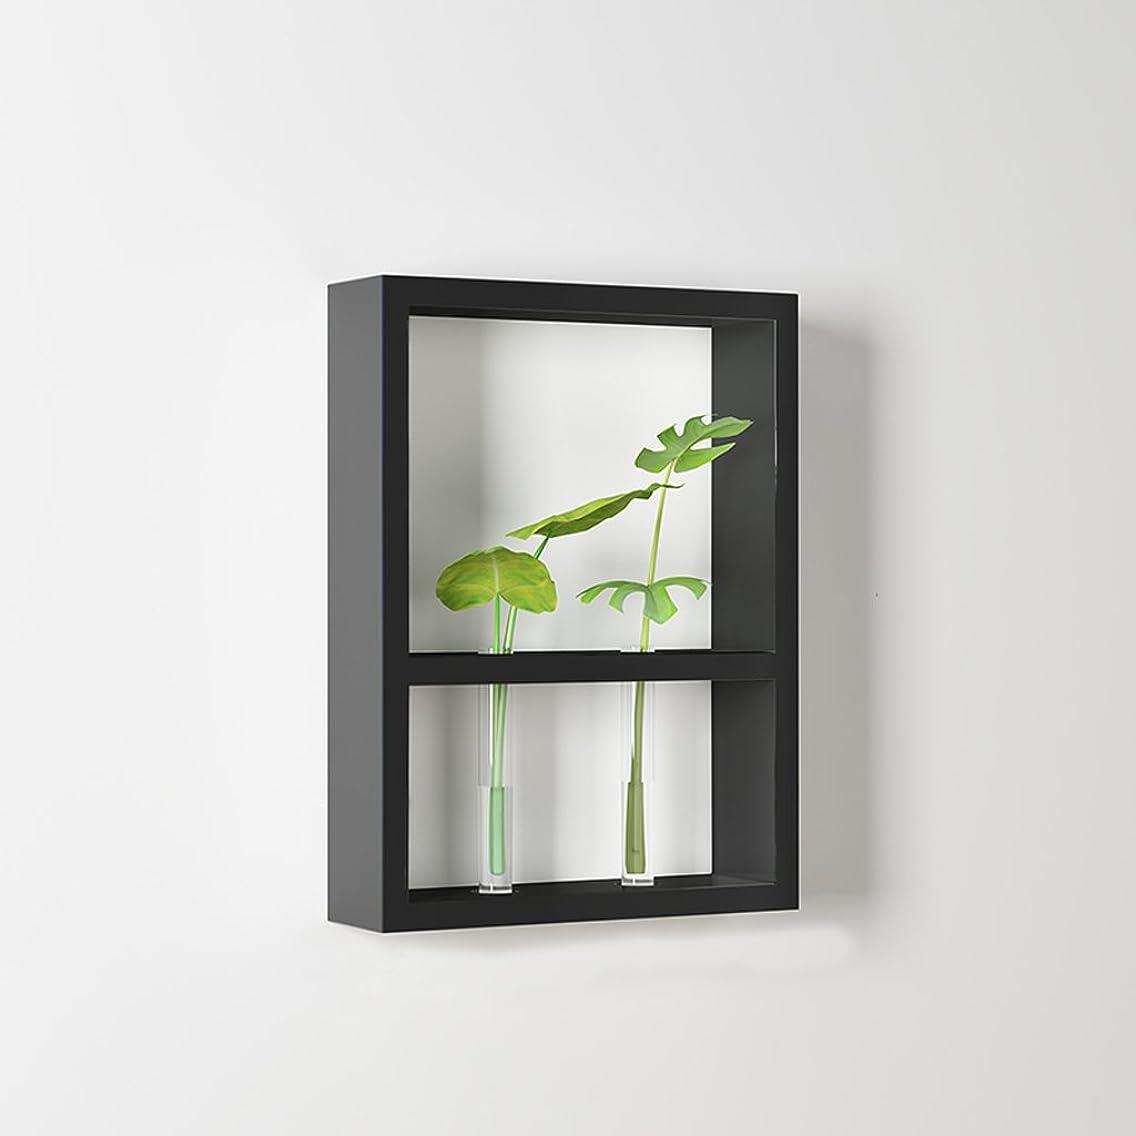 インストラクターベッツィトロットウッド有毒JTWJ 吊るす花ラック壁の棚リビングルームの寝室の壁装飾フレームバルコニーの壁緑の植物の植物の鍋ラック (色 : ブラック)